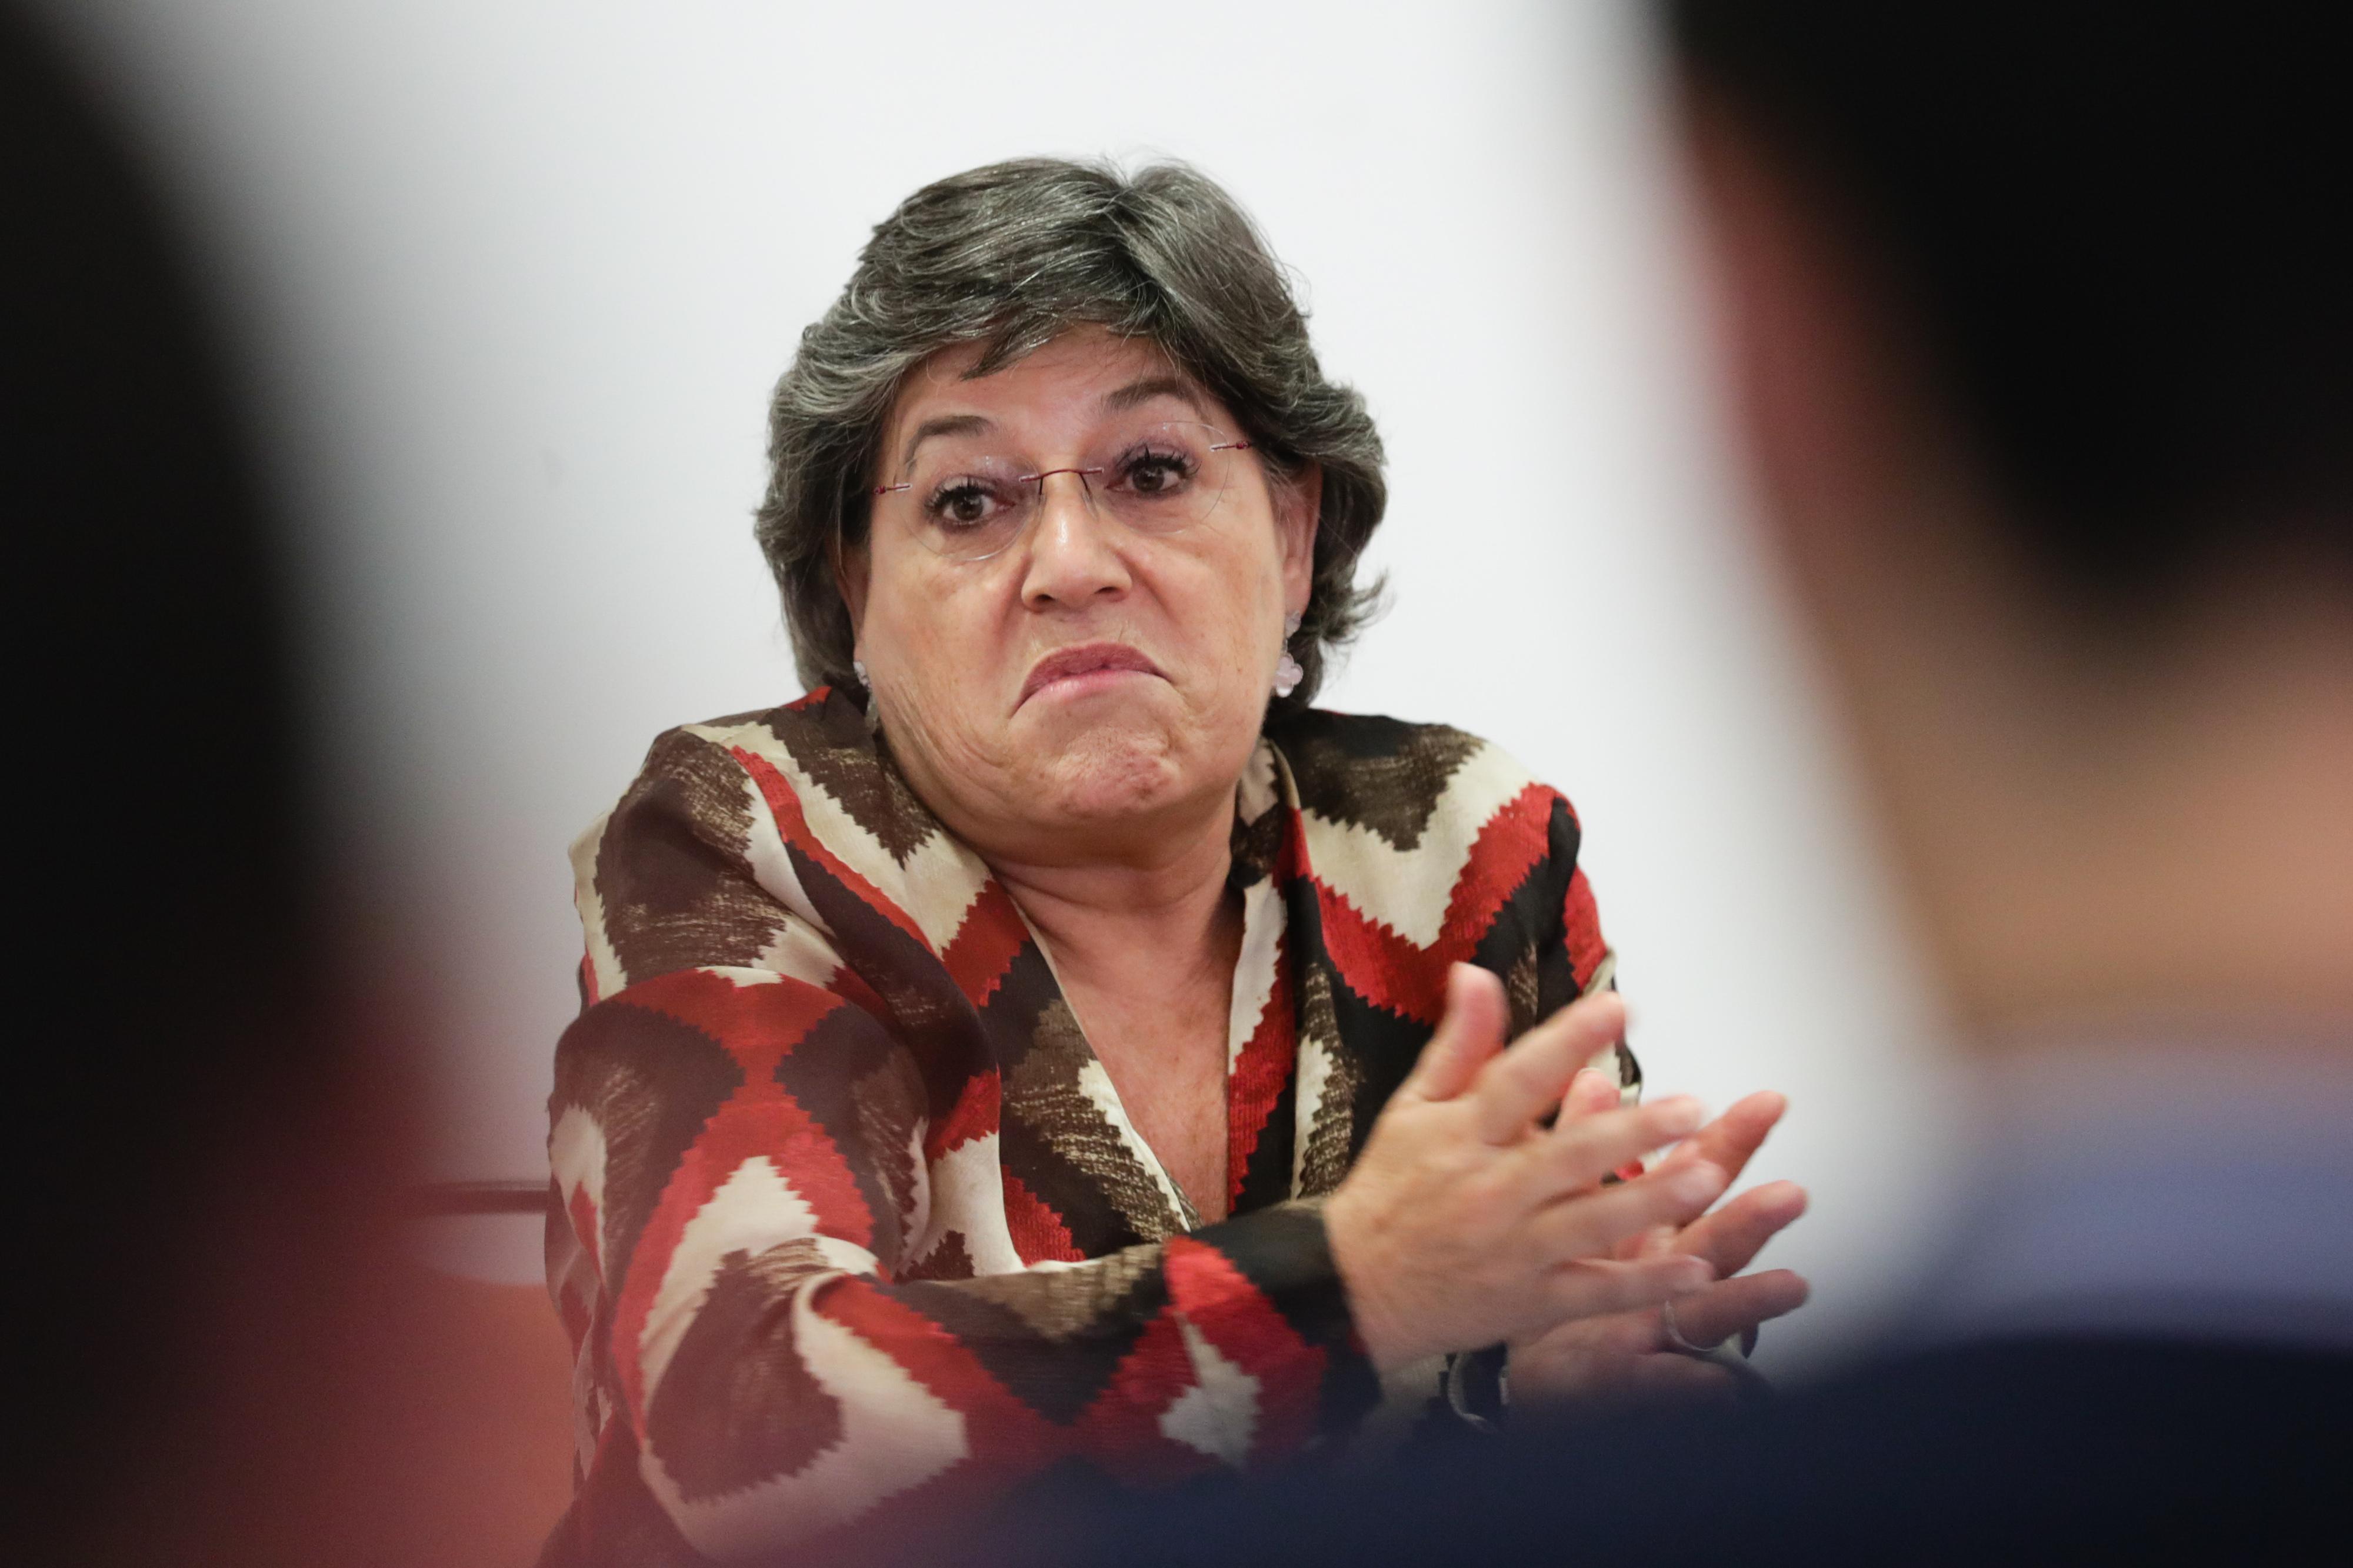 Ana Gomes diz que Rui Pinto fez denúncias anónimas que não foram investigadas